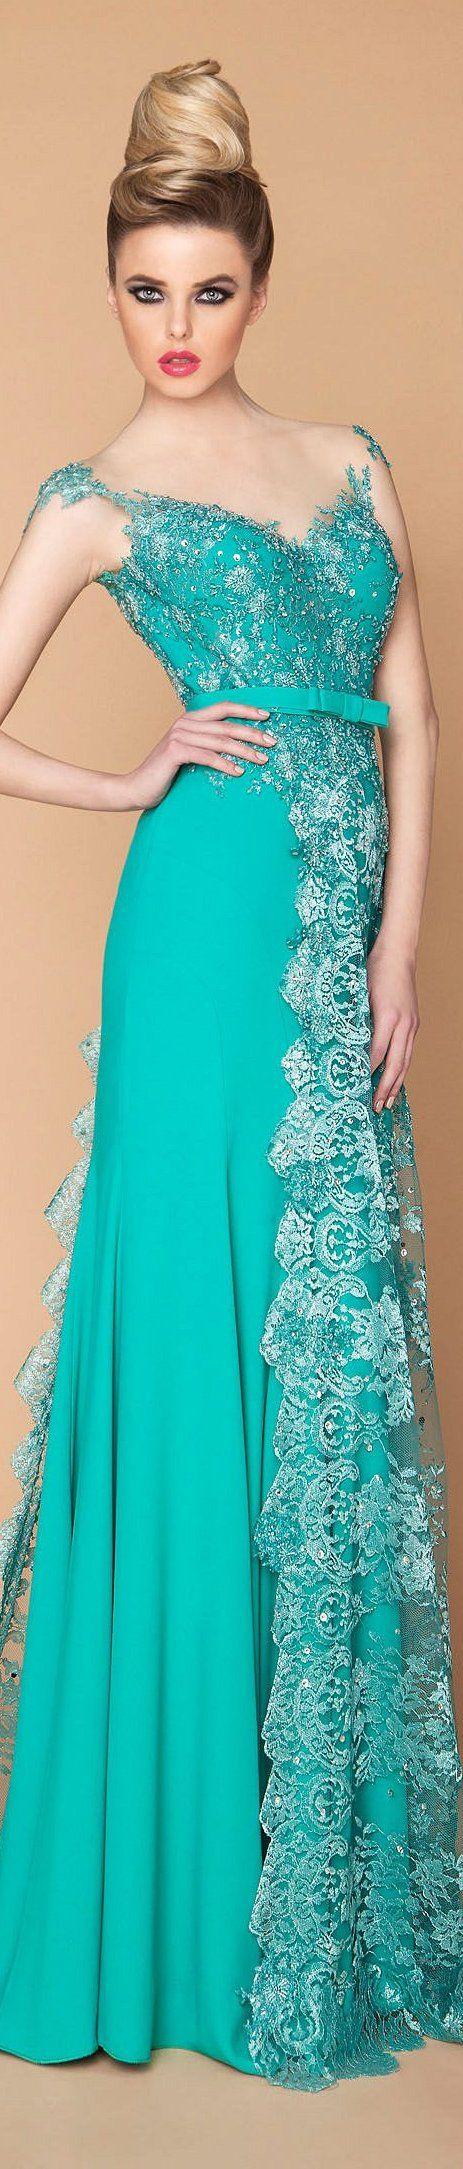 9 best Prom images on Pinterest | Formal dresses, Formal evening ...